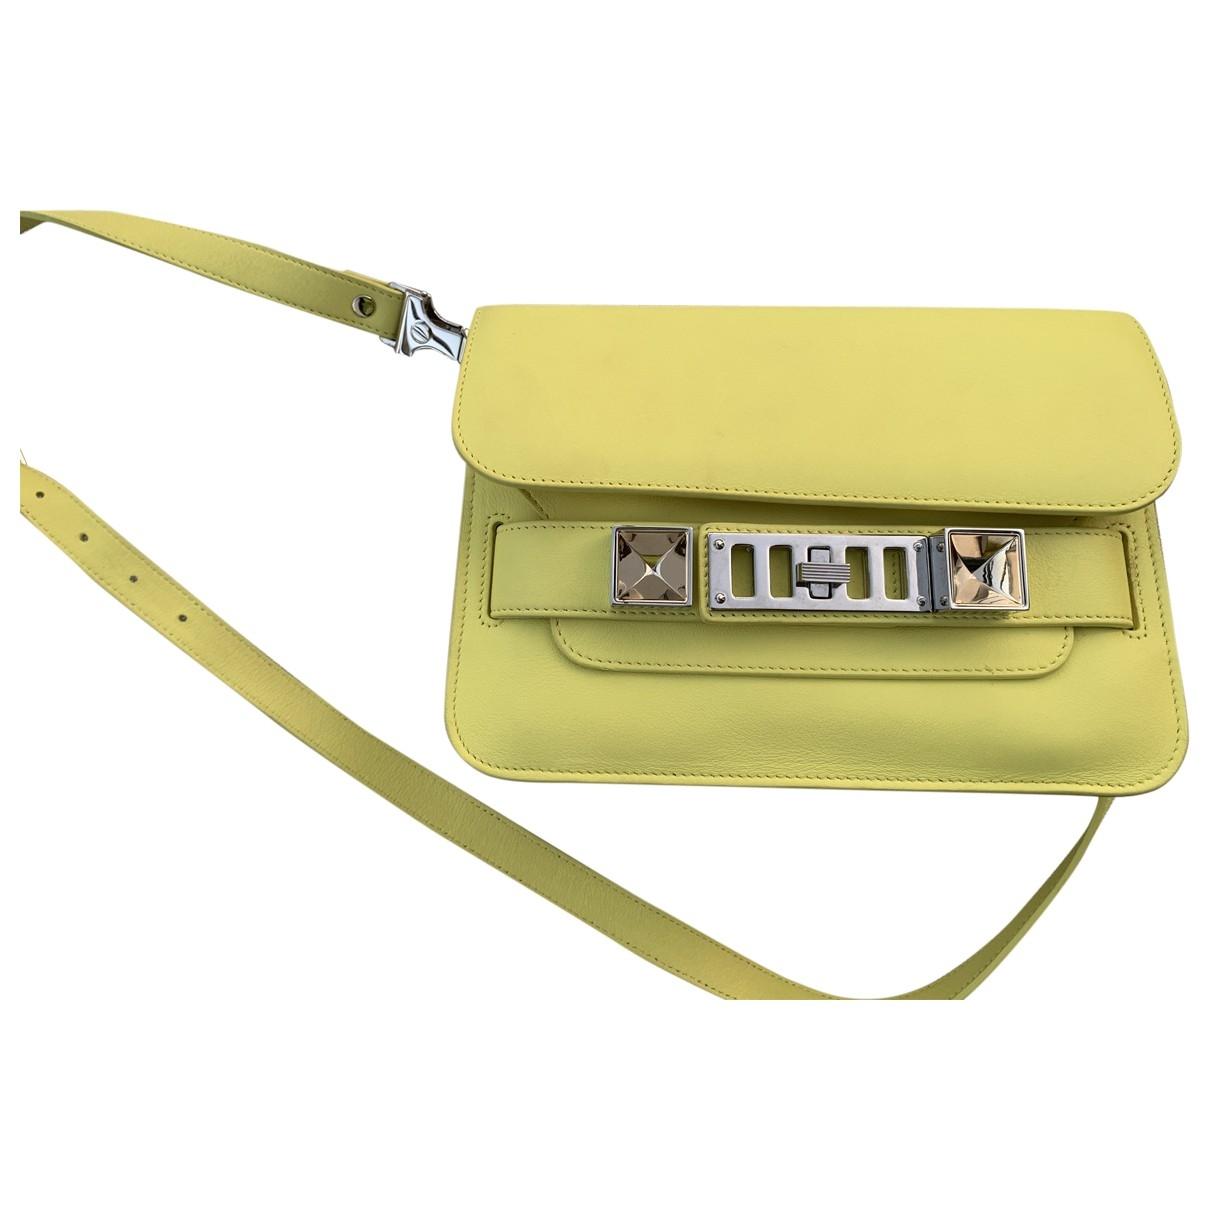 Proenza Schouler PS11 Handtasche in  Gelb Leder